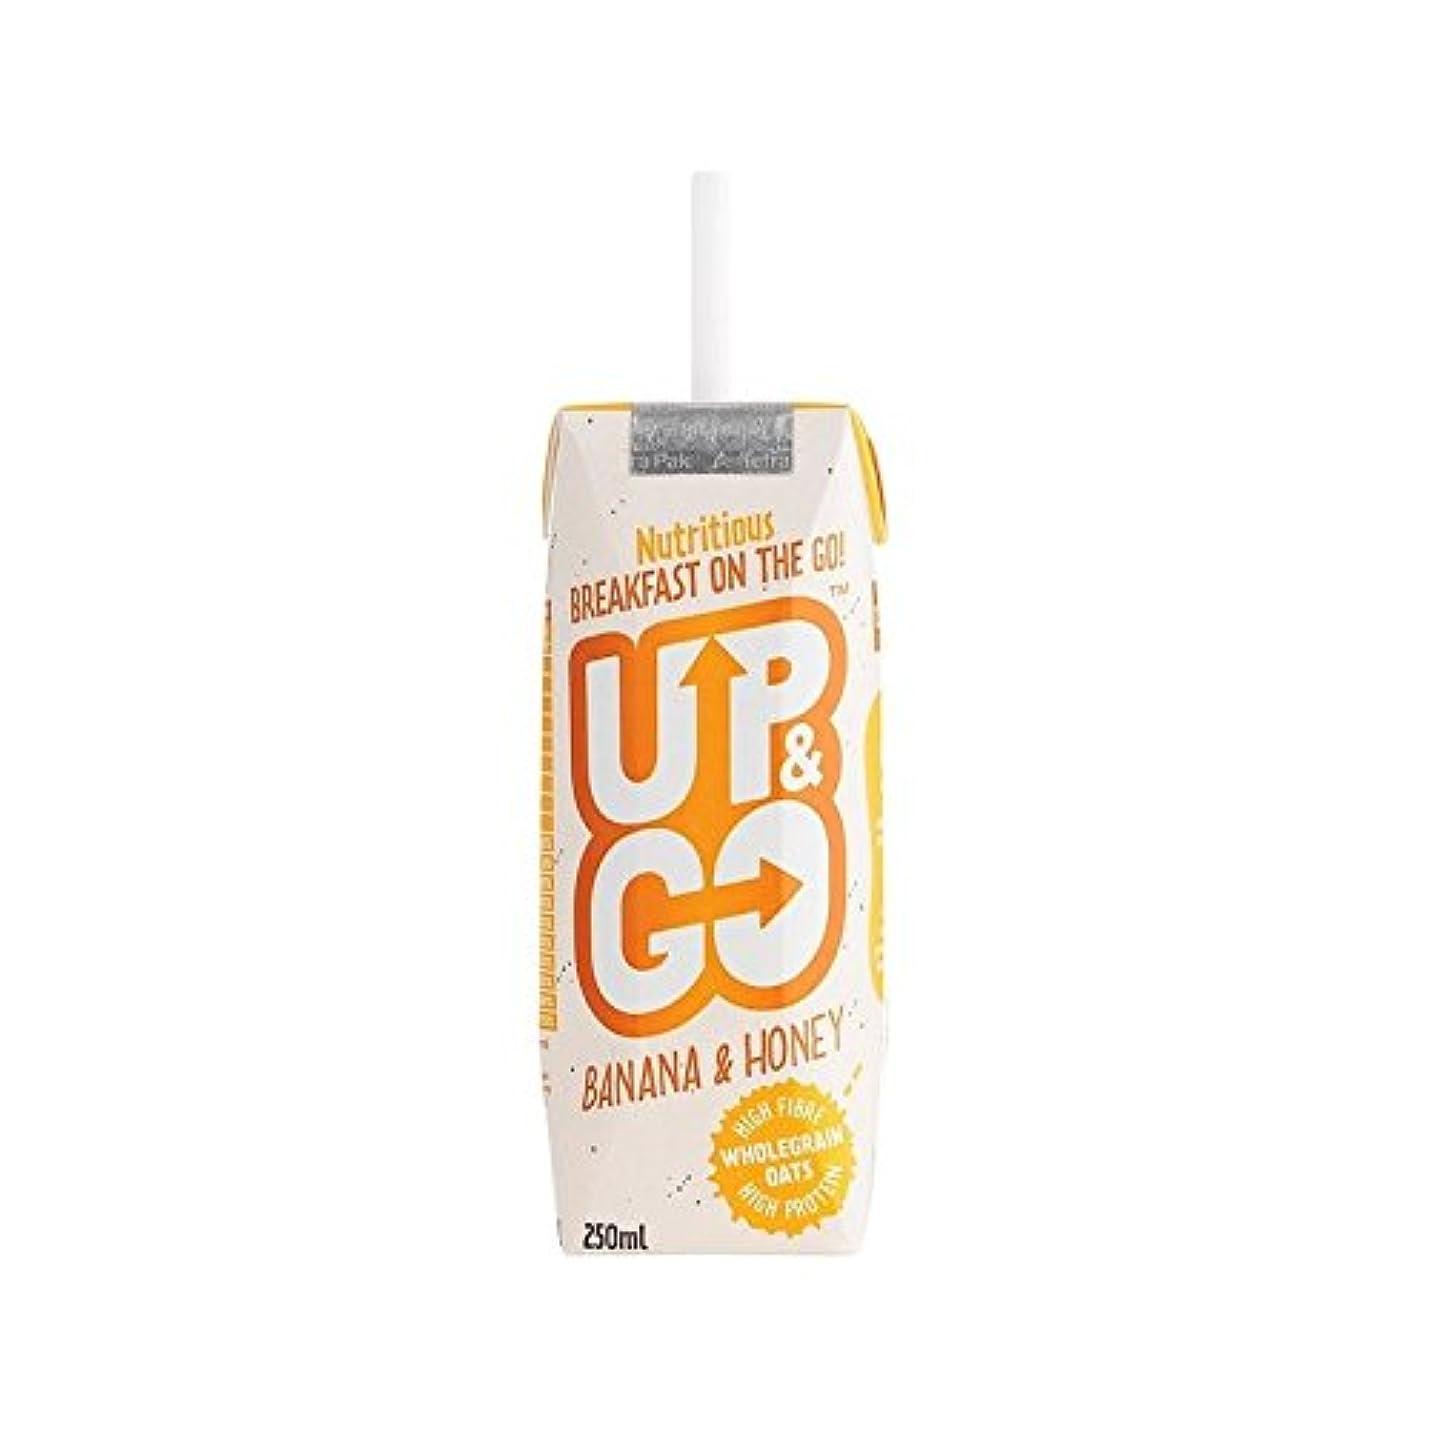 細胞ボクシングバーストオート麦の250ミリリットルとバナナ&ハニー朝食ドリンク (Up&Go) (x 6) - Up&Go Banana & Honey Breakfast Drink with Oats 250ml (Pack of 6)...